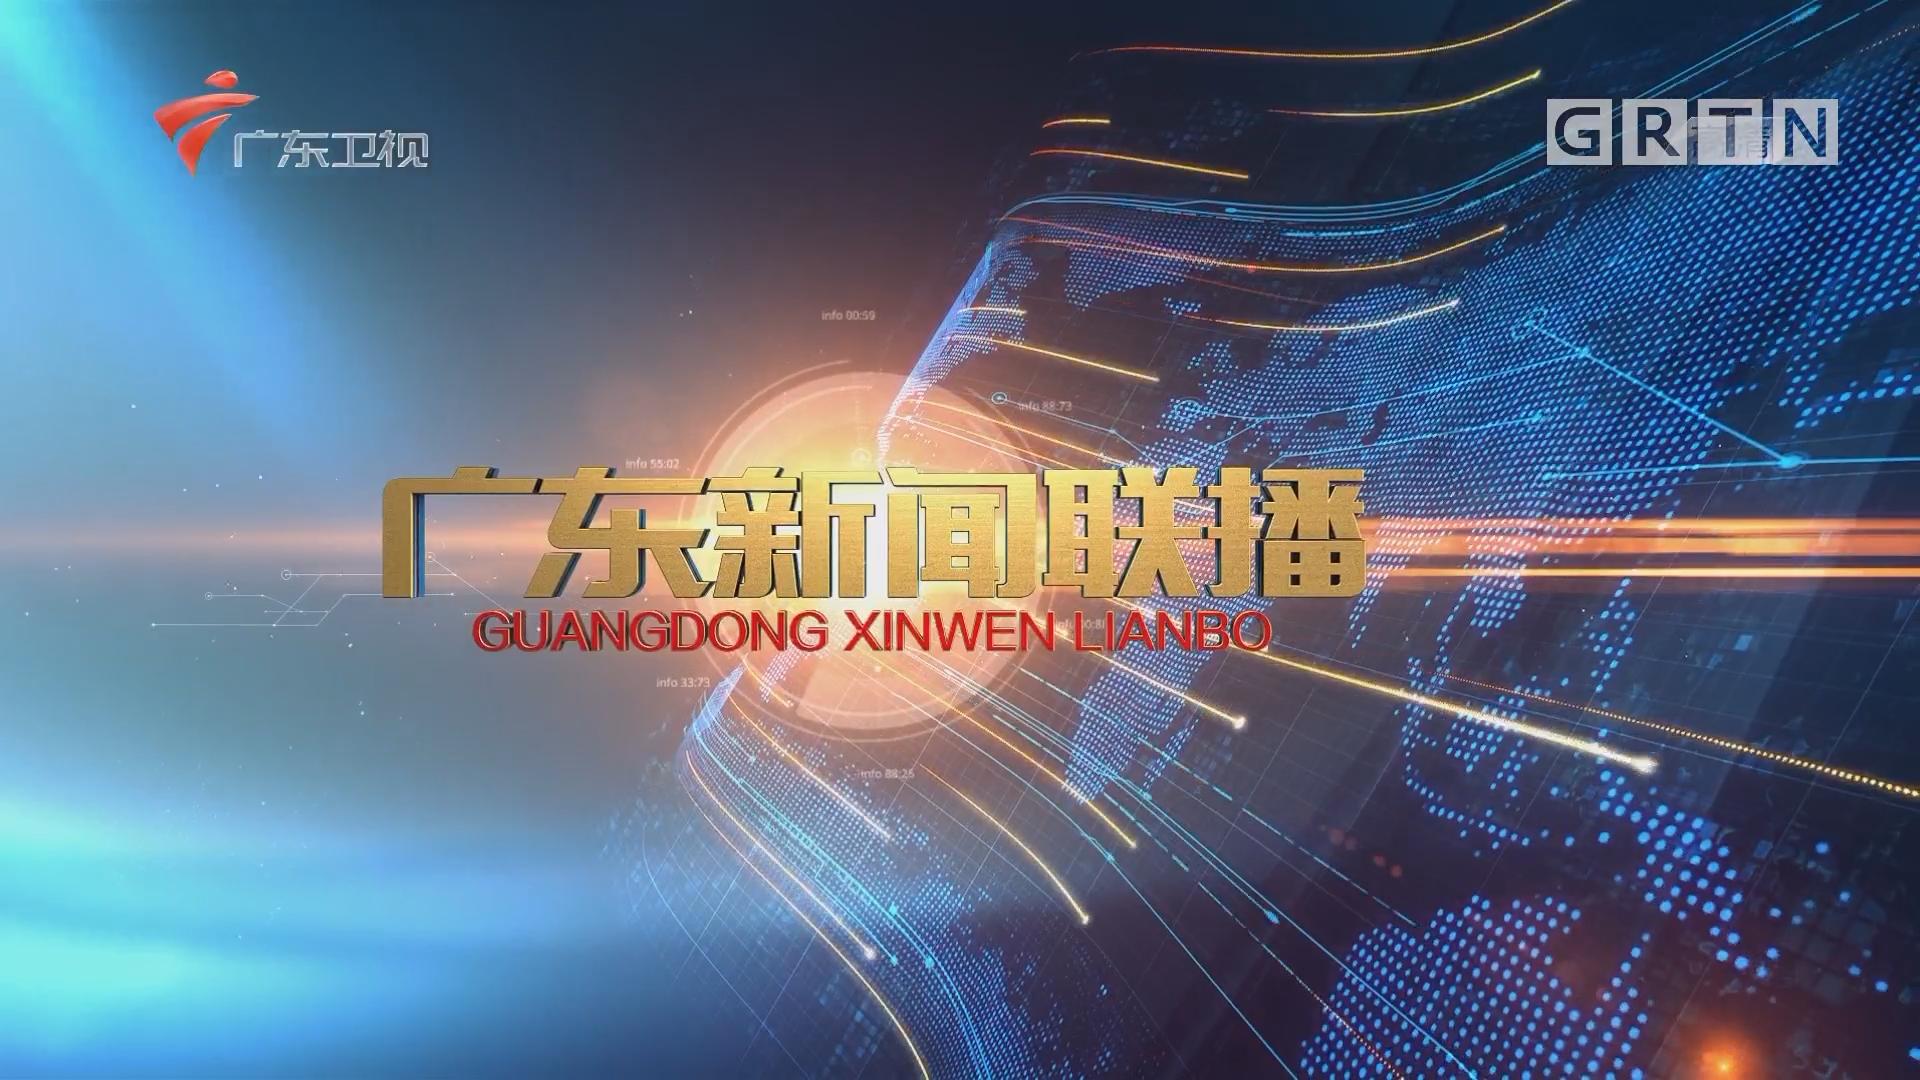 [HD][2018-07-01]广东新闻联播:人民日报社论:始终同人民想在一起、干在一起